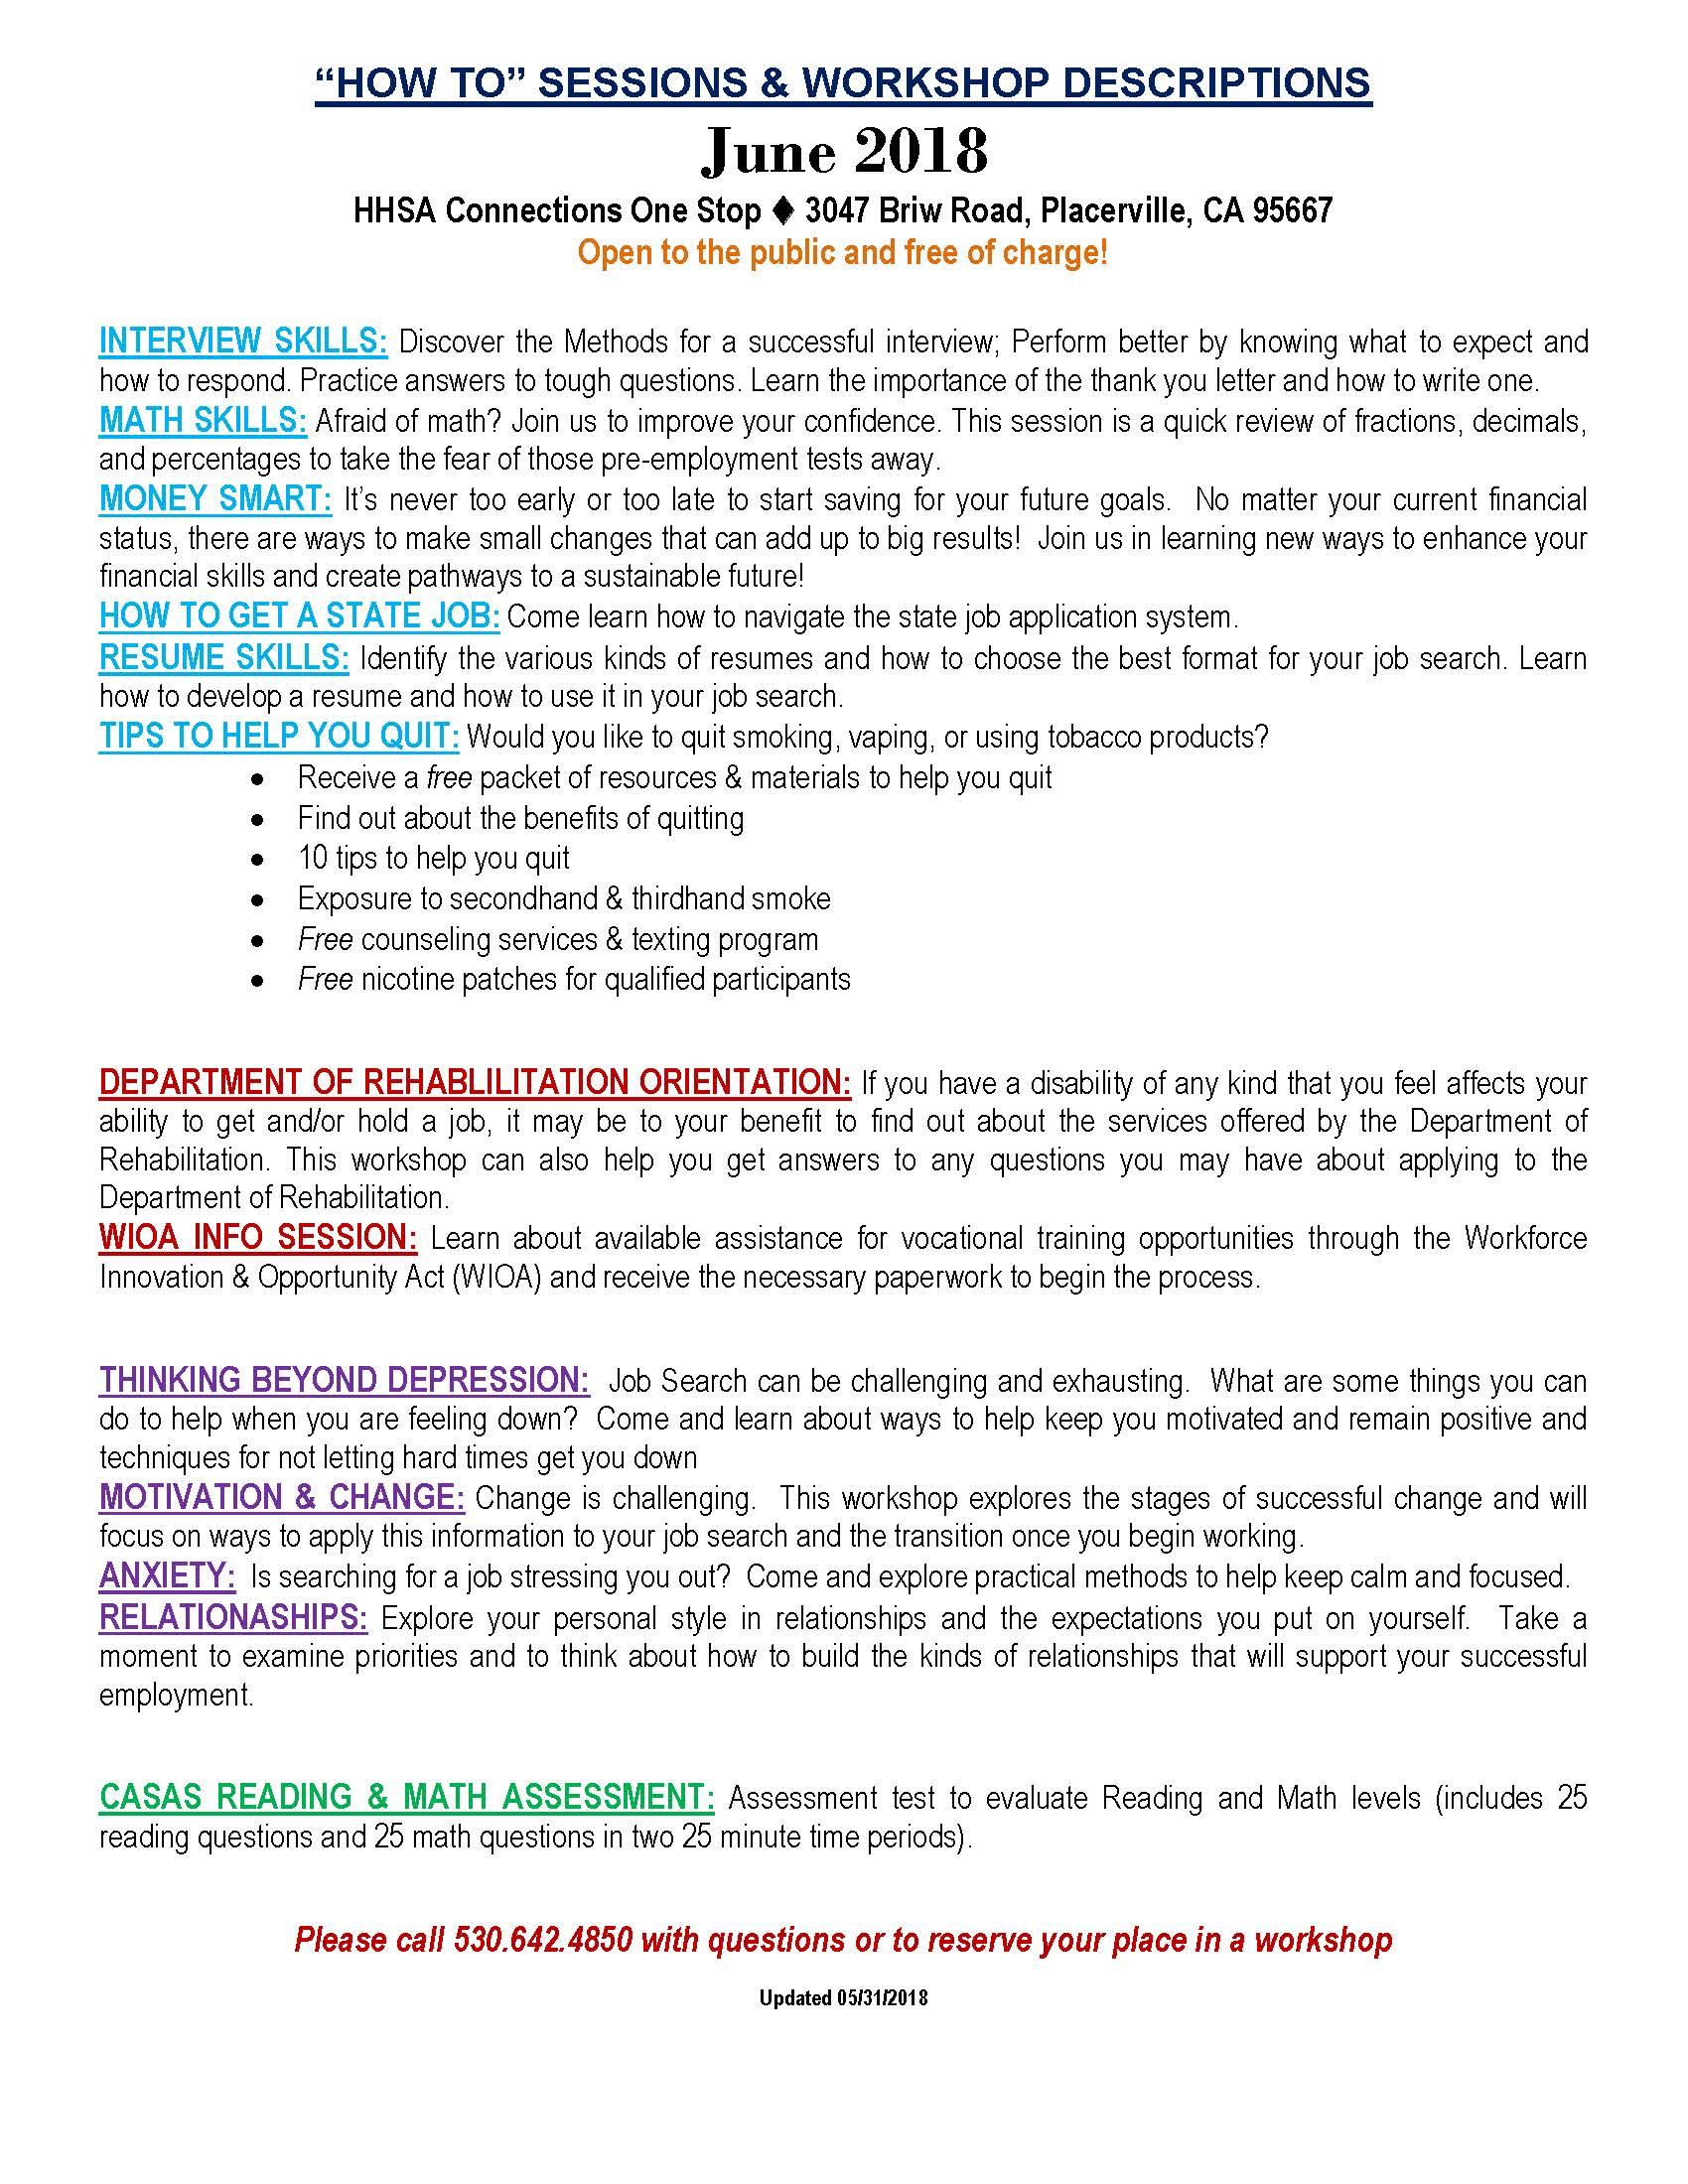 June Calendar Descriptions.pdf.jpg